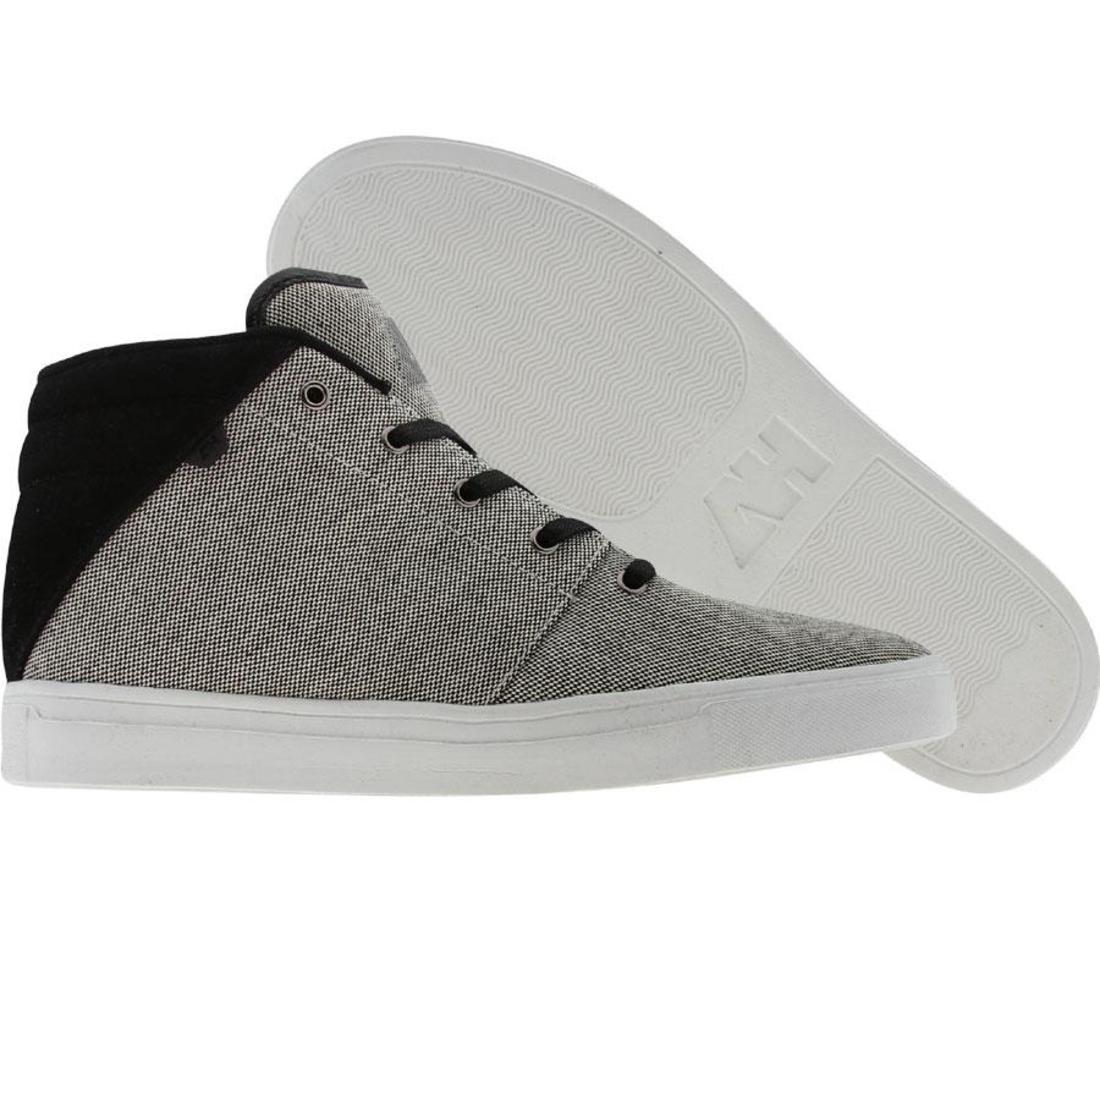 【海外限定】モダン ミッド メンズ靴 靴 【 AH BY ANDROID HOMME MODERN MID PEPPER BLACK 】